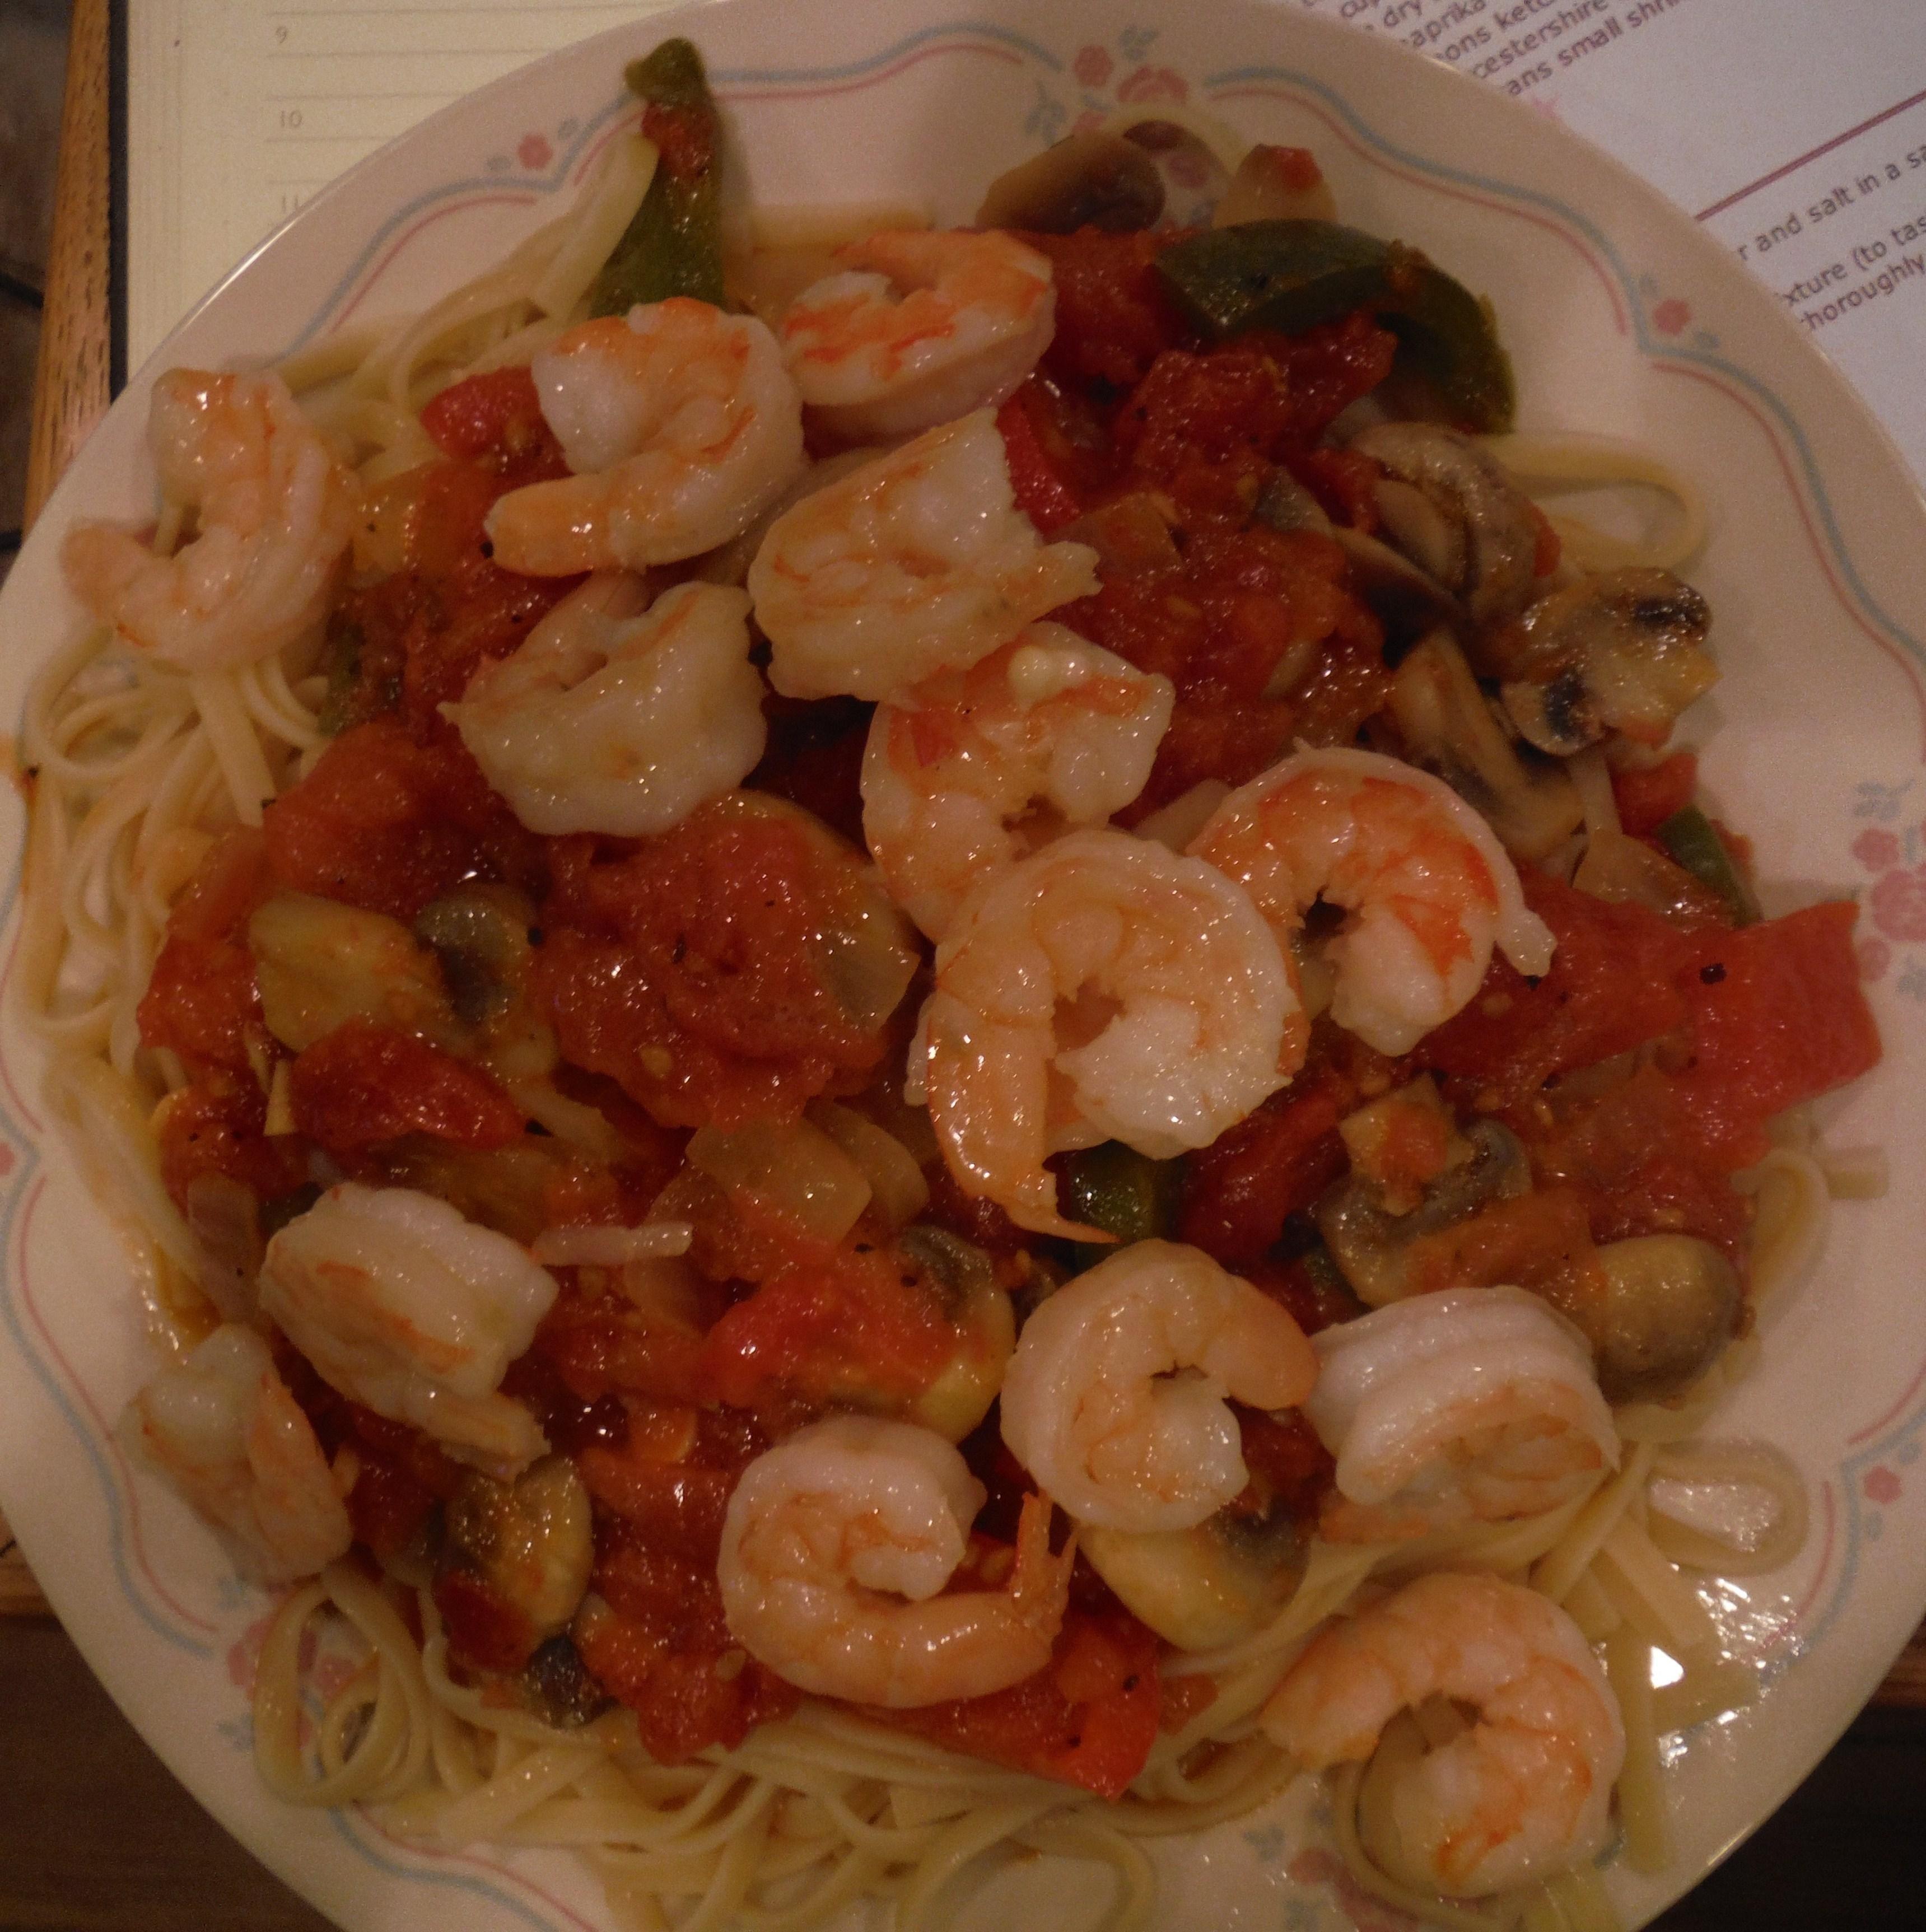 Olive Garden Shrimp Primavera Recipes Pinterest Gardens Sauces And Olives